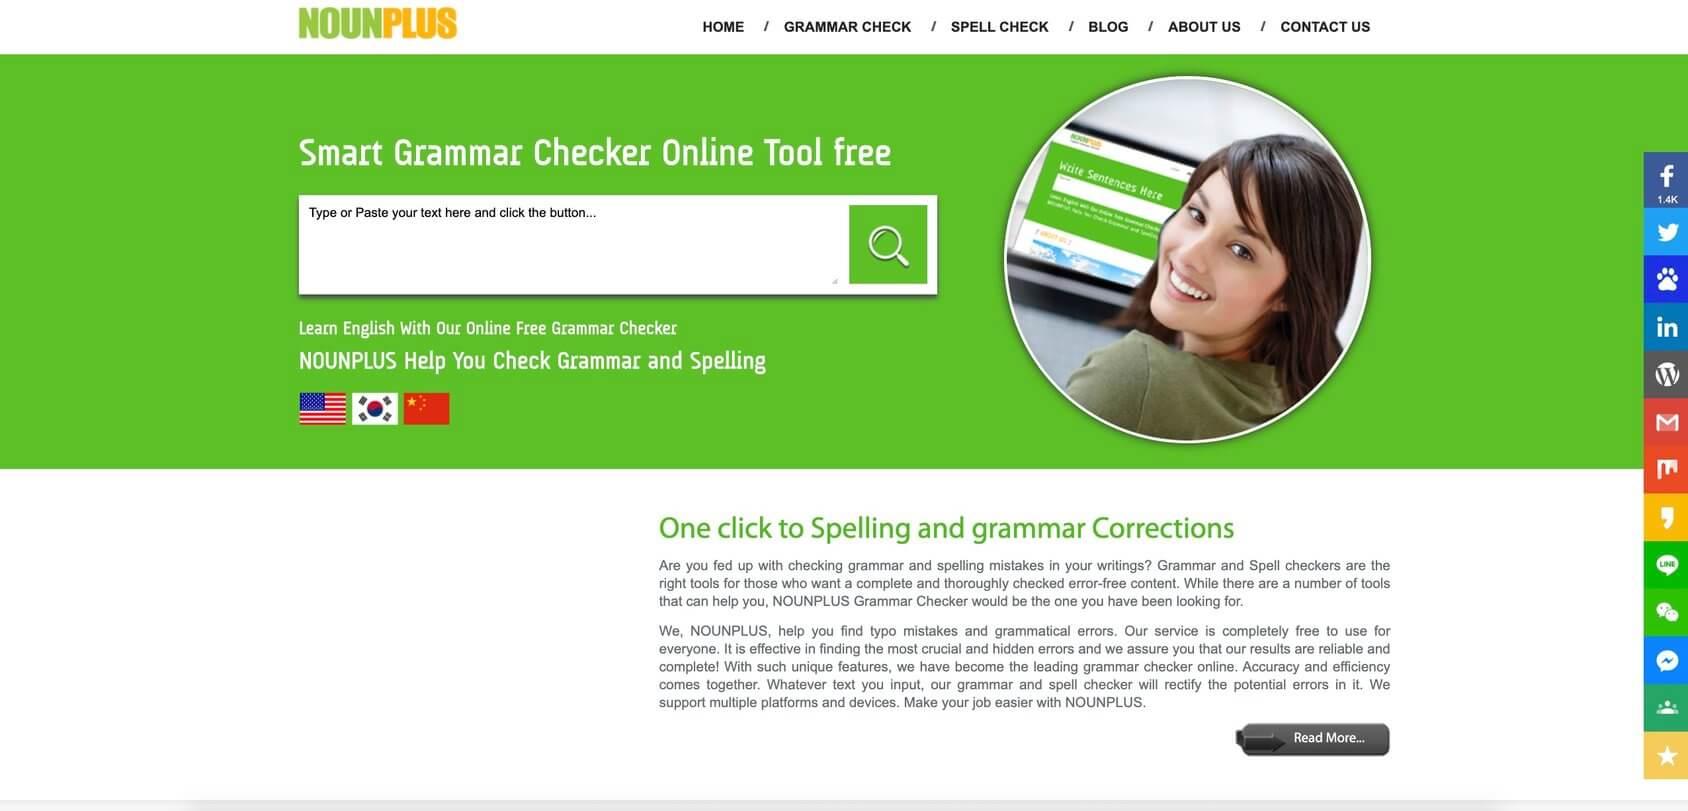 15 лучших онлайн-инструментов для проверки грамматики 2020 (БЕСПЛАТНО и ПЛАТНО)